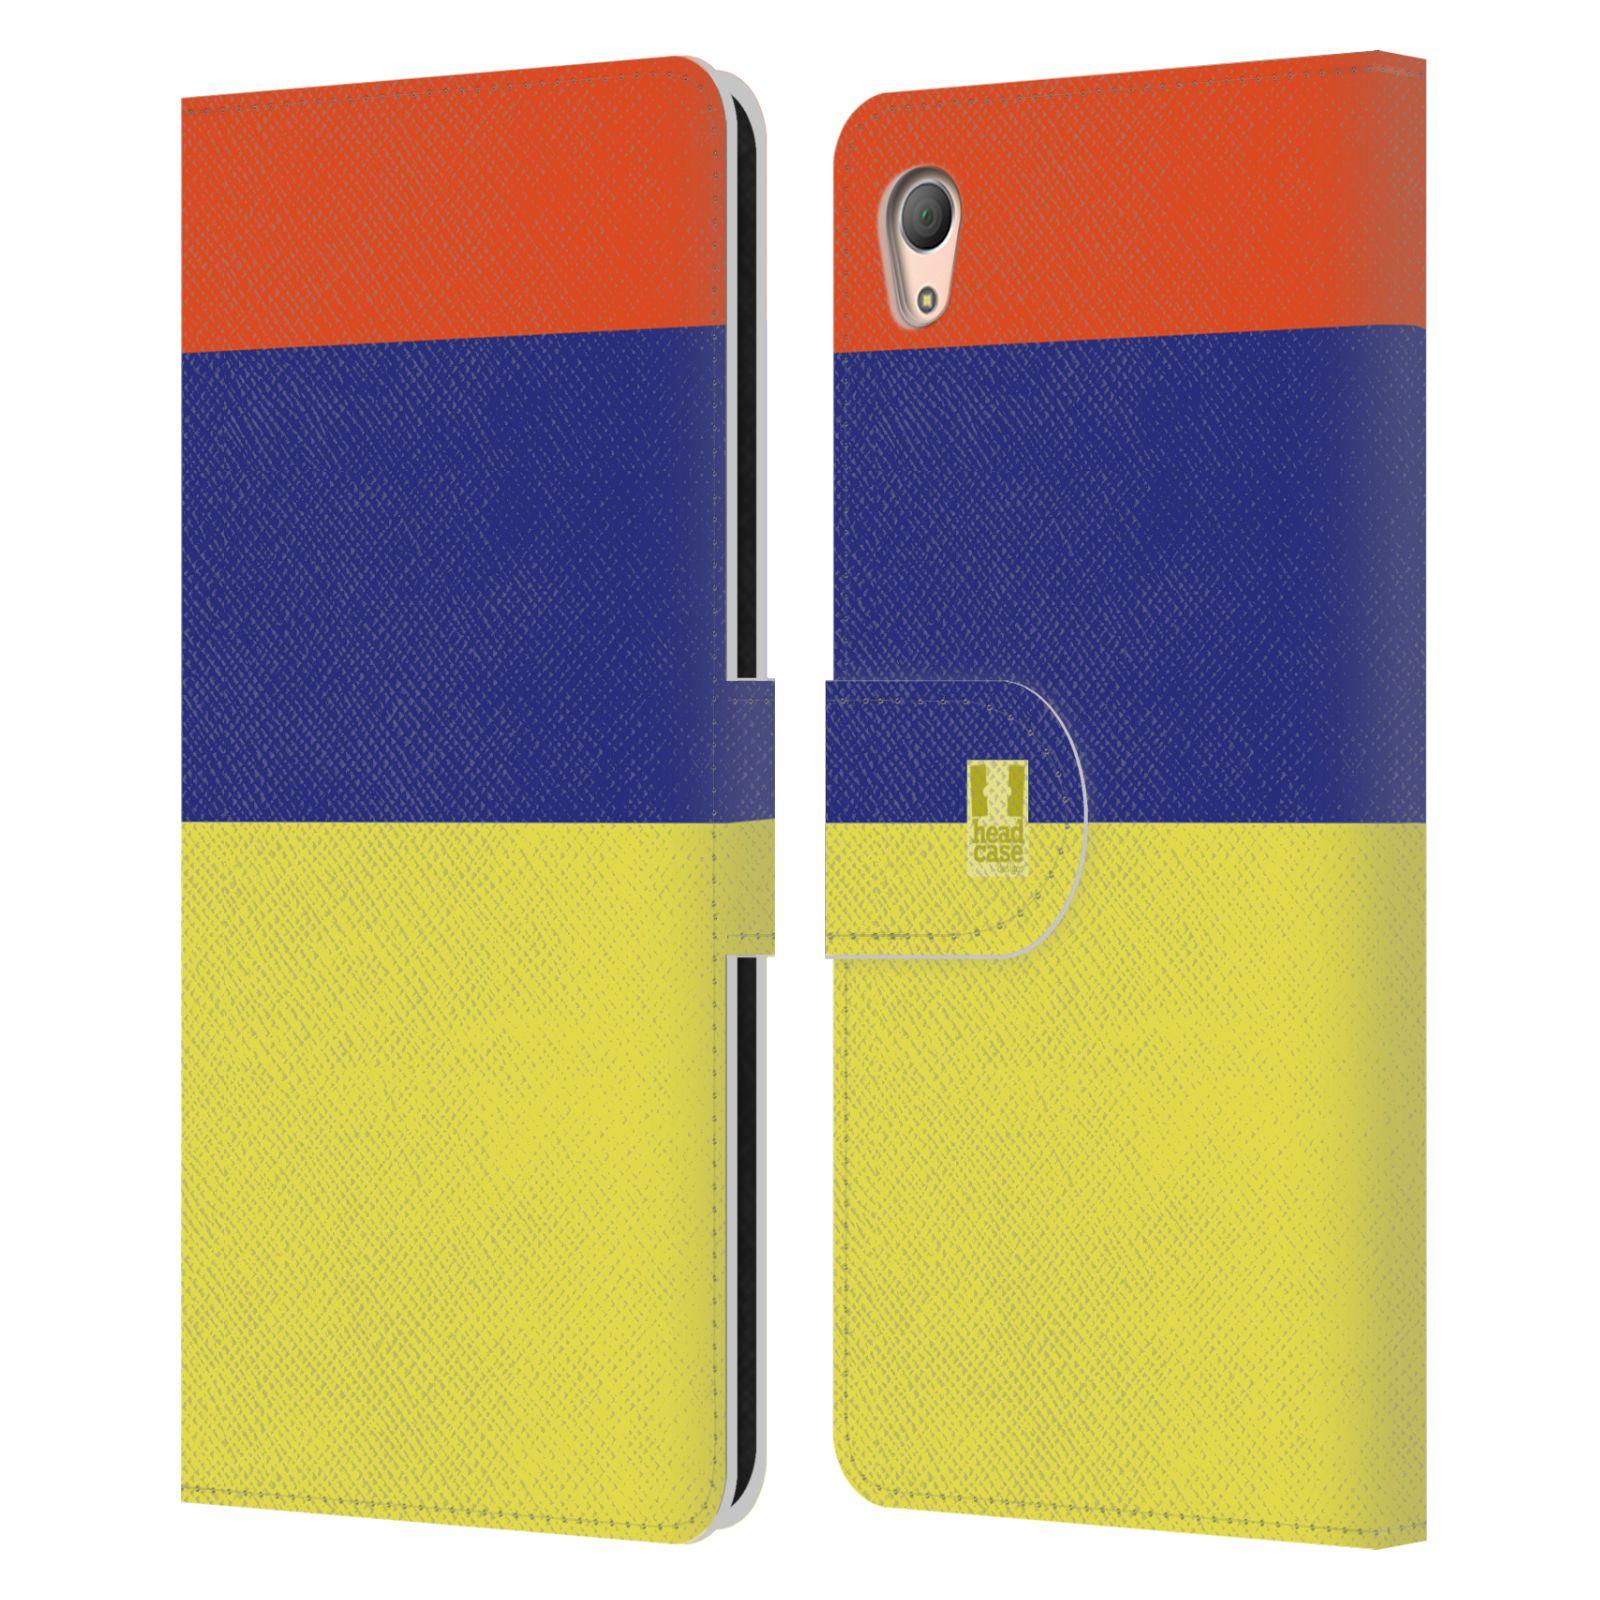 HEAD CASE Flipové pouzdro pro mobil SONY XPERIA Z3+(Z3 PLUS) barevné tvary žlutá, modrá, červená